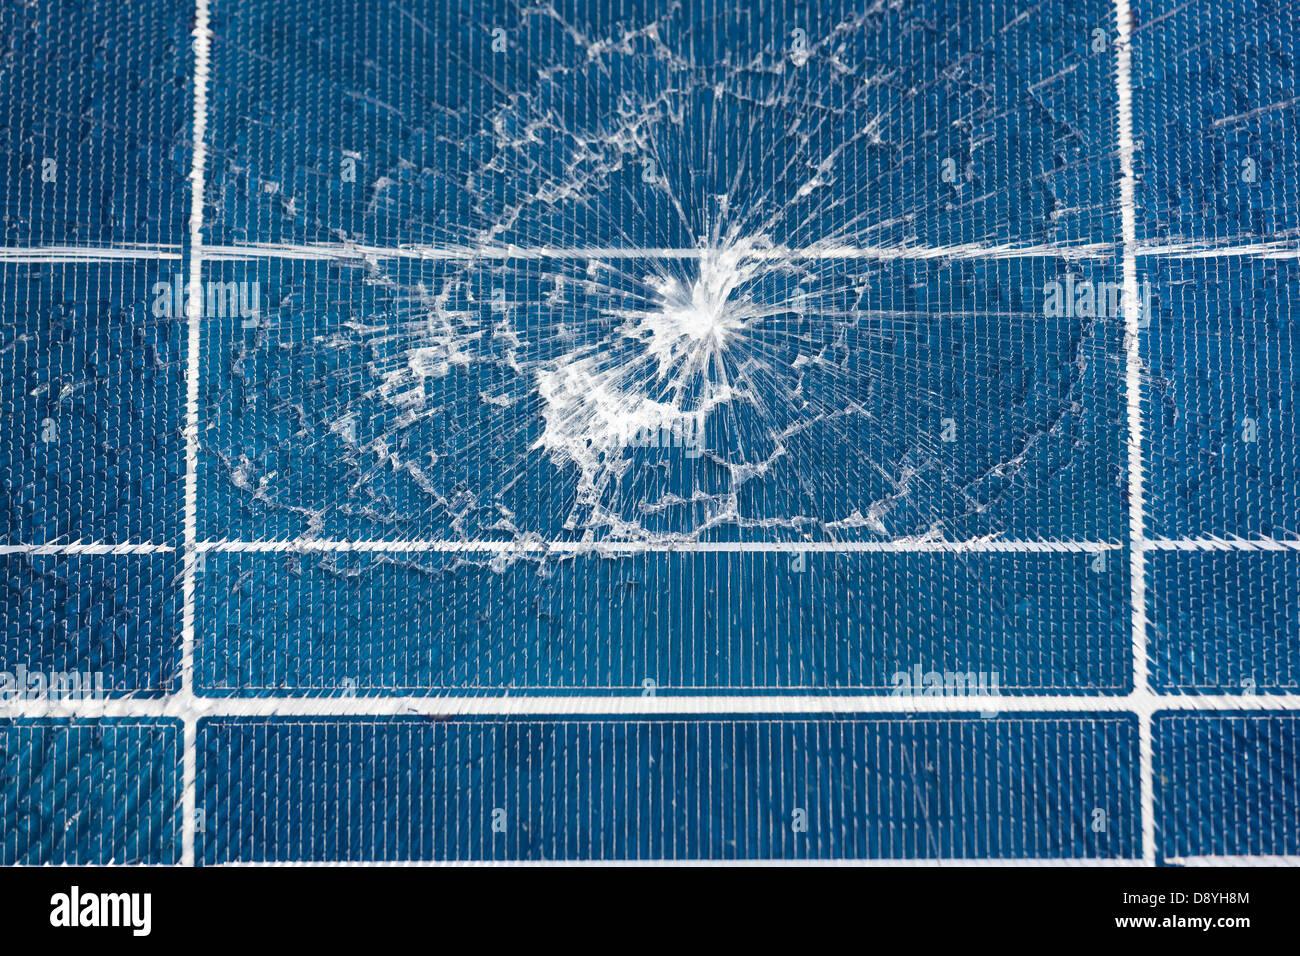 Danneggiato cinese pannello solare rotture dovute ad urti. In frantumi rotto vetro burst close up. Import importate Immagini Stock